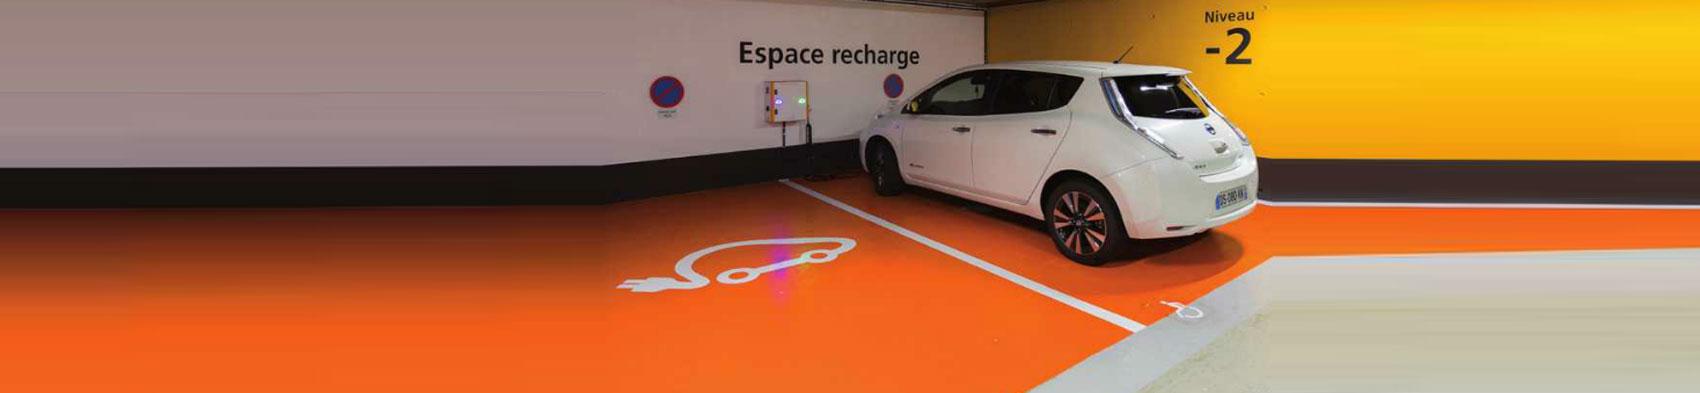 header-parkings-voitures-electriques